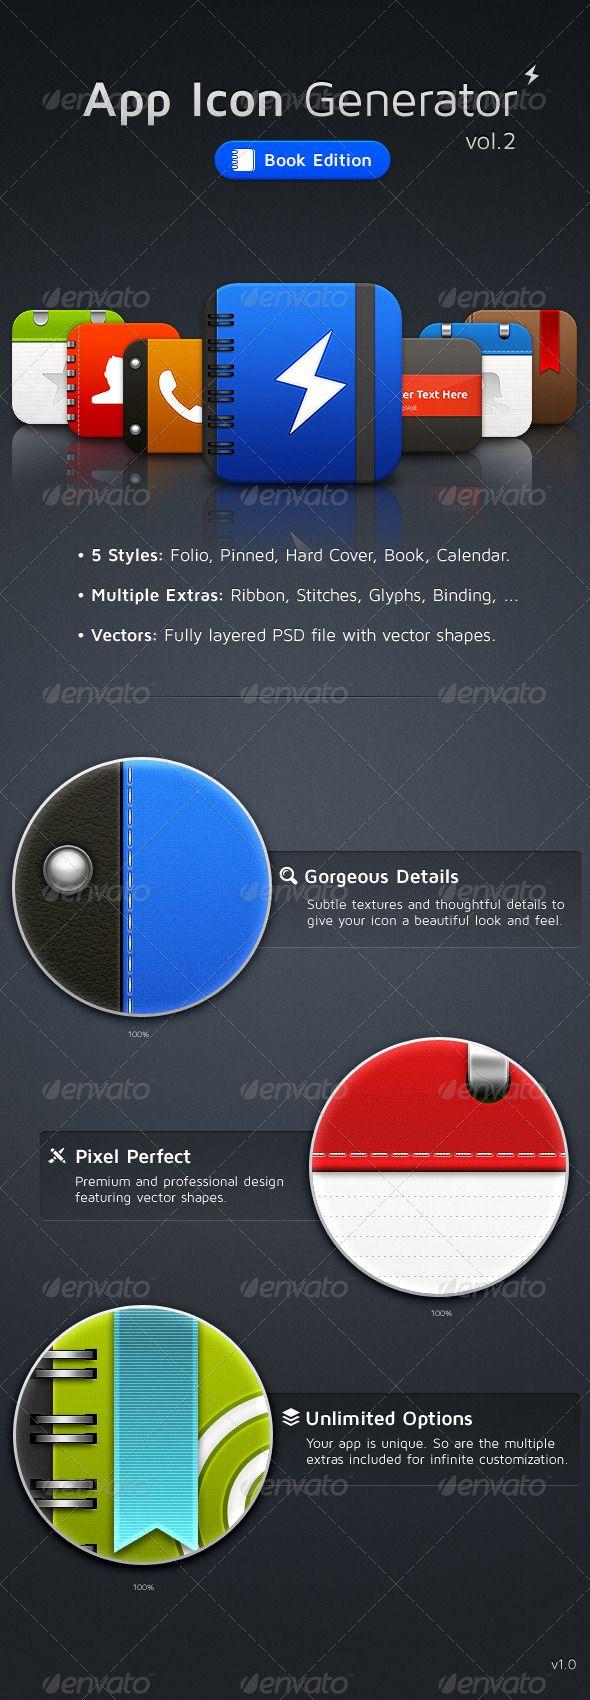 App Icon Generator Vol.2